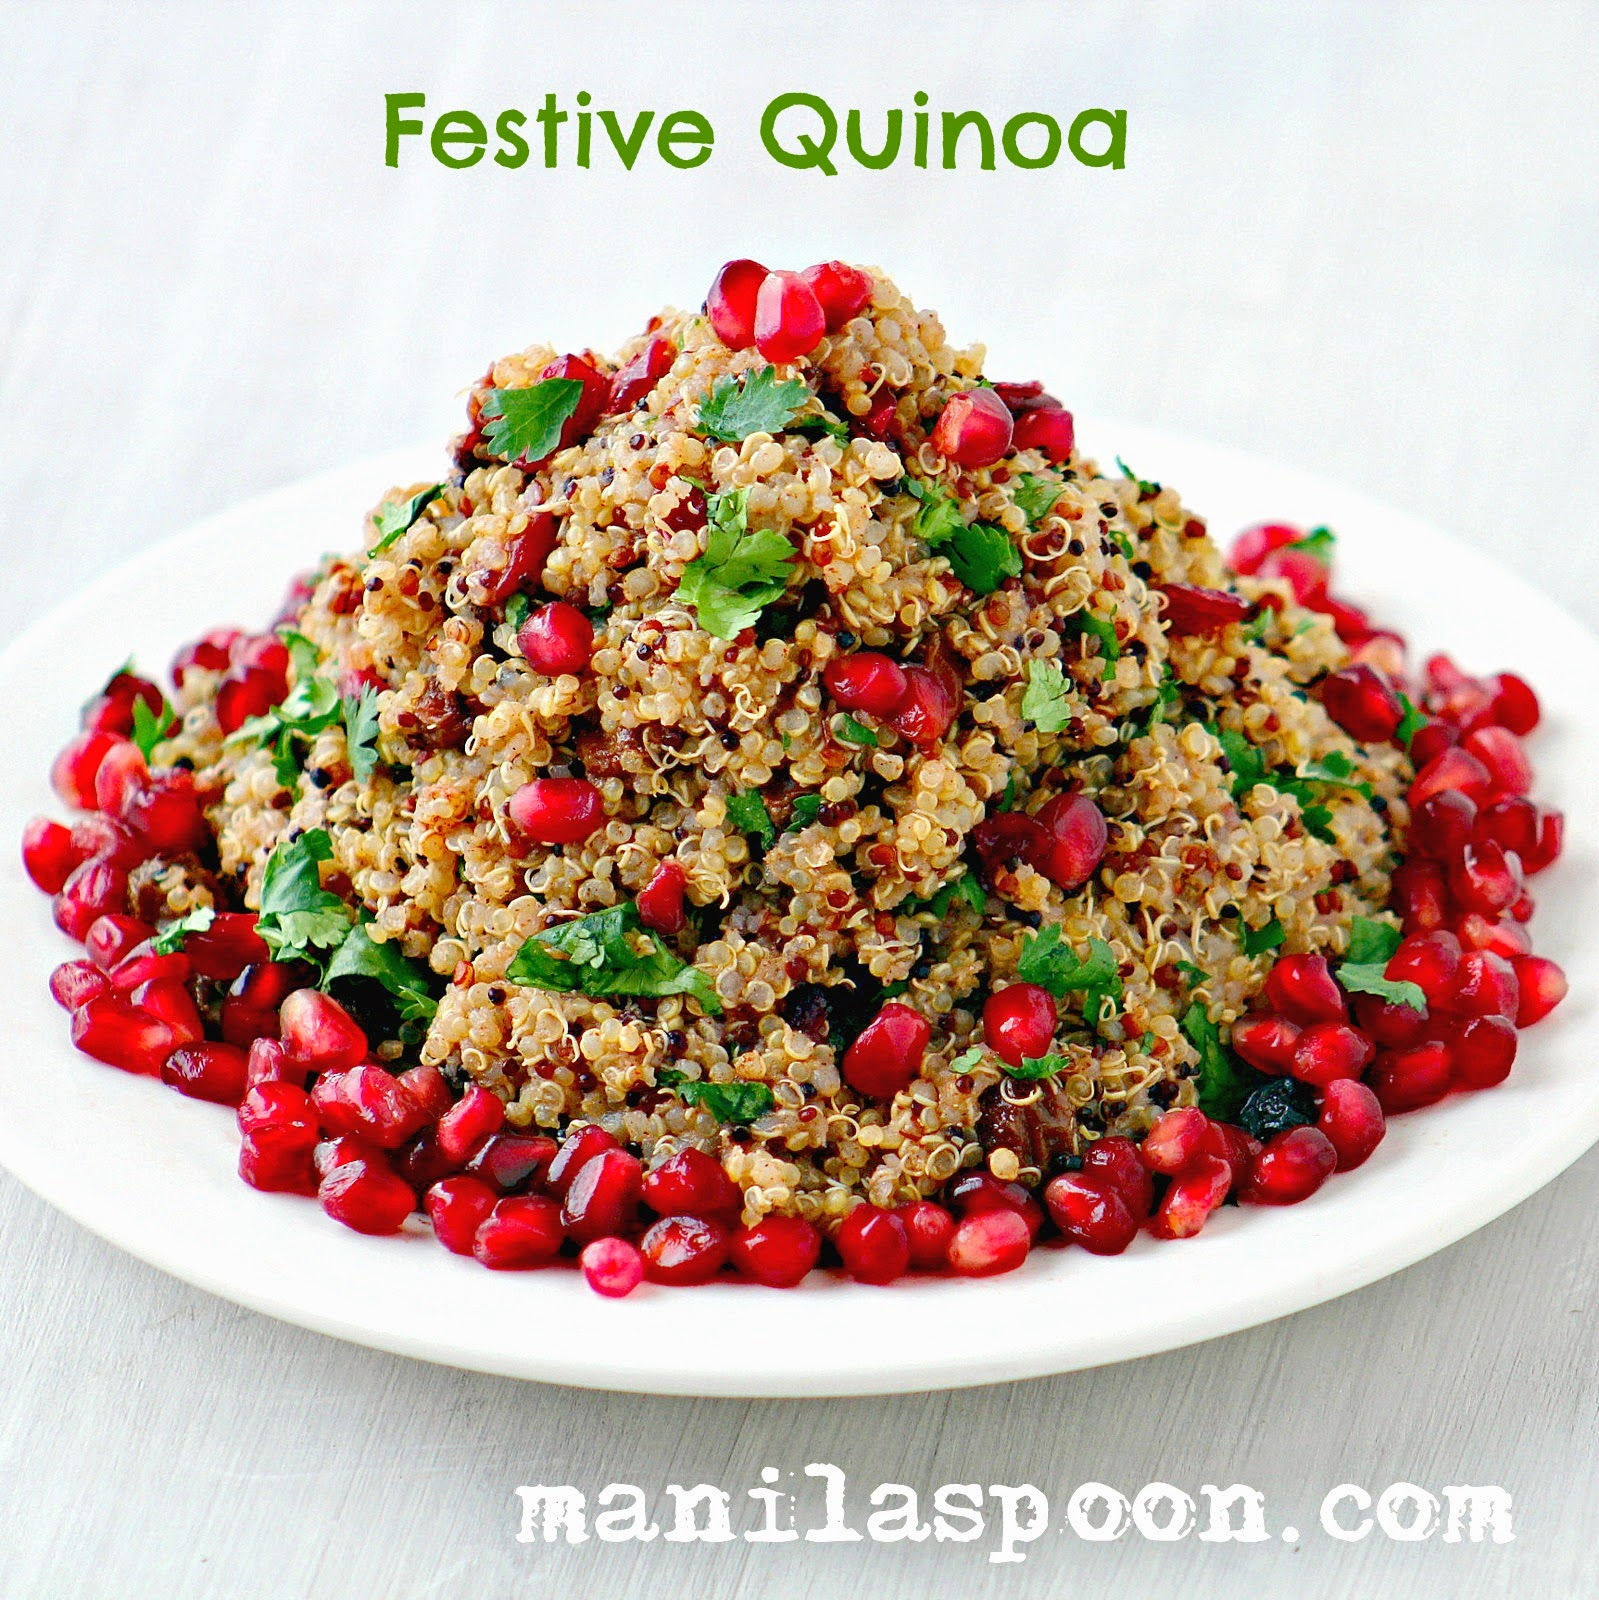 Festive Quinoa